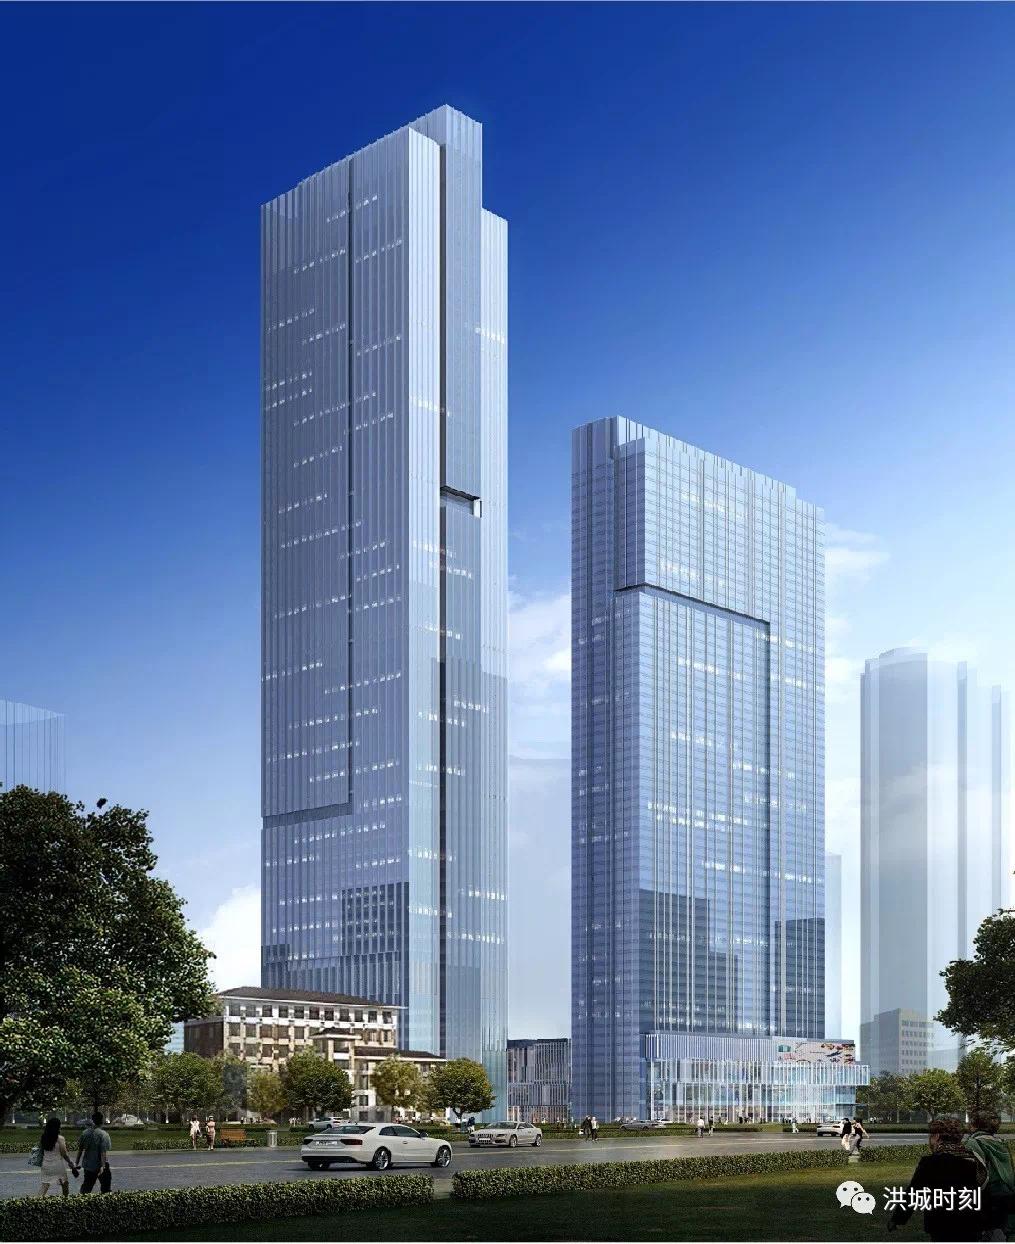 平安将在红谷滩新区建江西最高建筑!你觉得会落户在哪里?